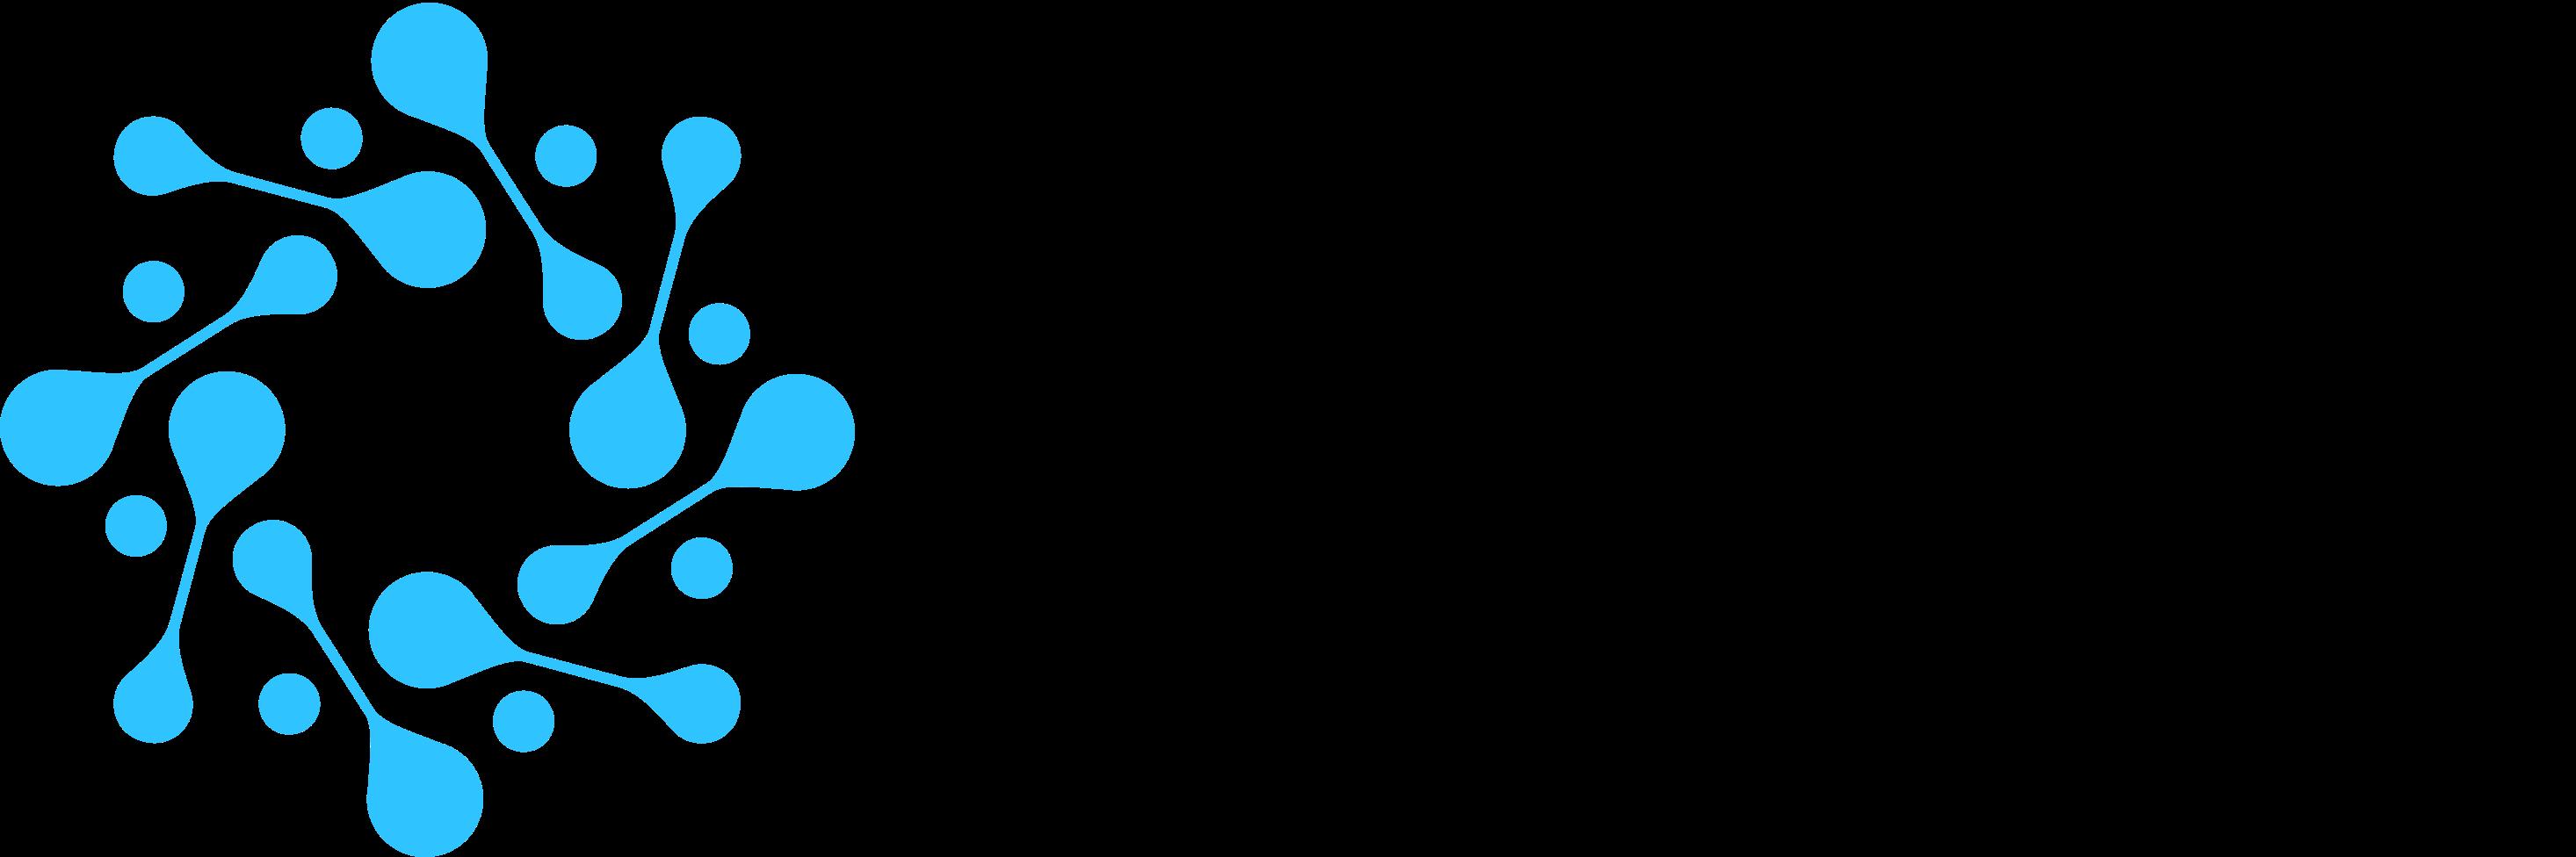 Breeze Technologies UG ile ilgili görsel sonucu